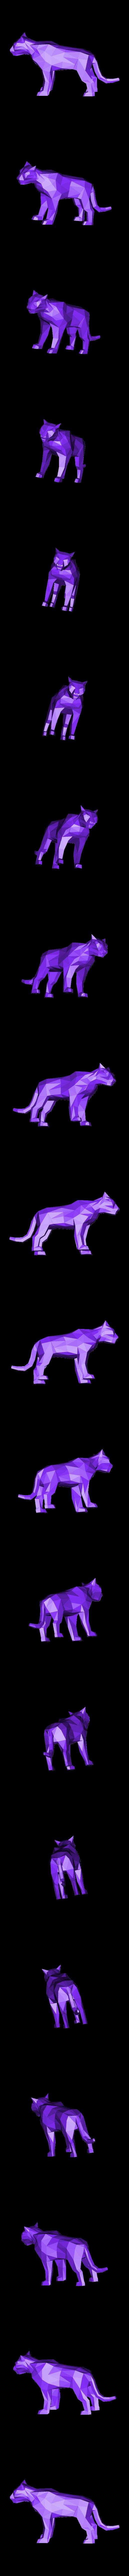 Poly_Tiger.stl Télécharger fichier STL gratuit Poly Tigre • Objet à imprimer en 3D, Zortrax